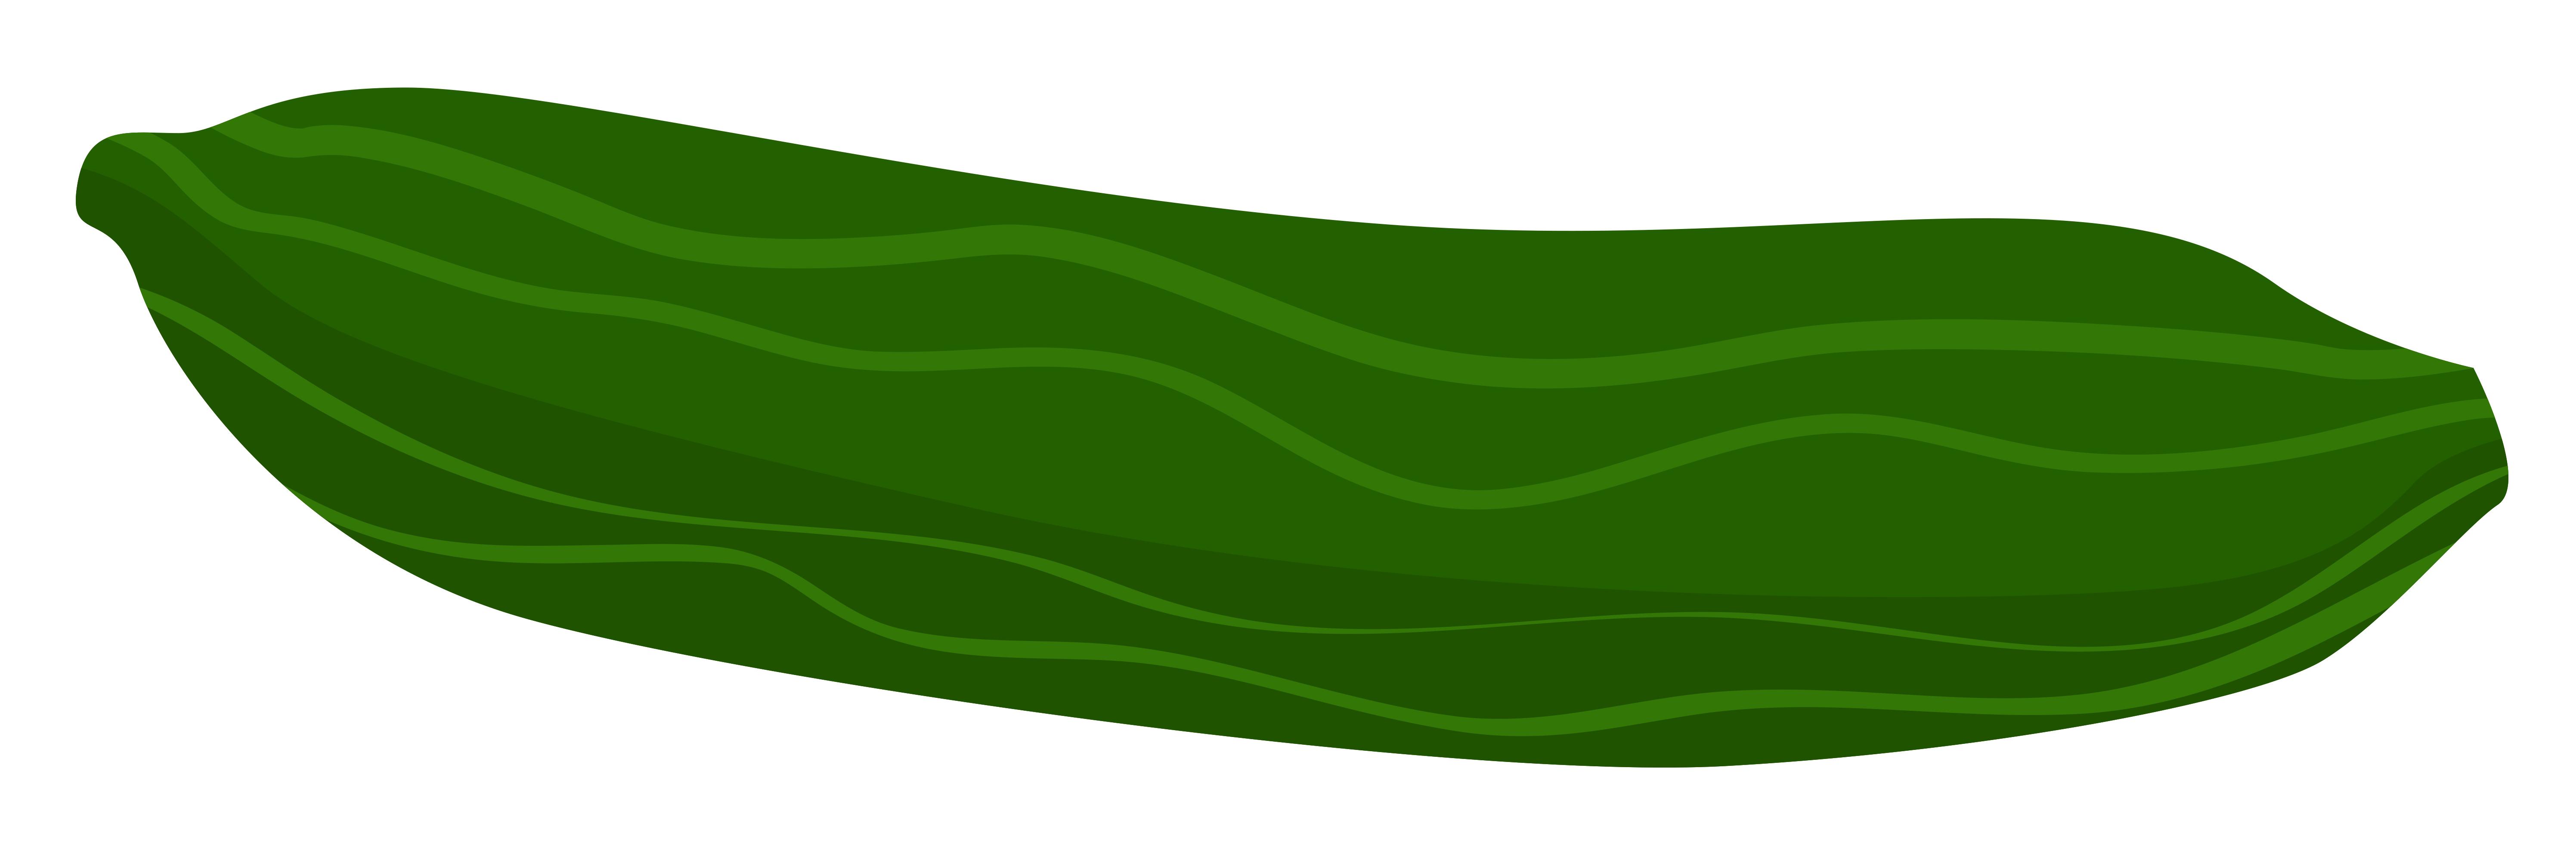 Cucumber Clipart.